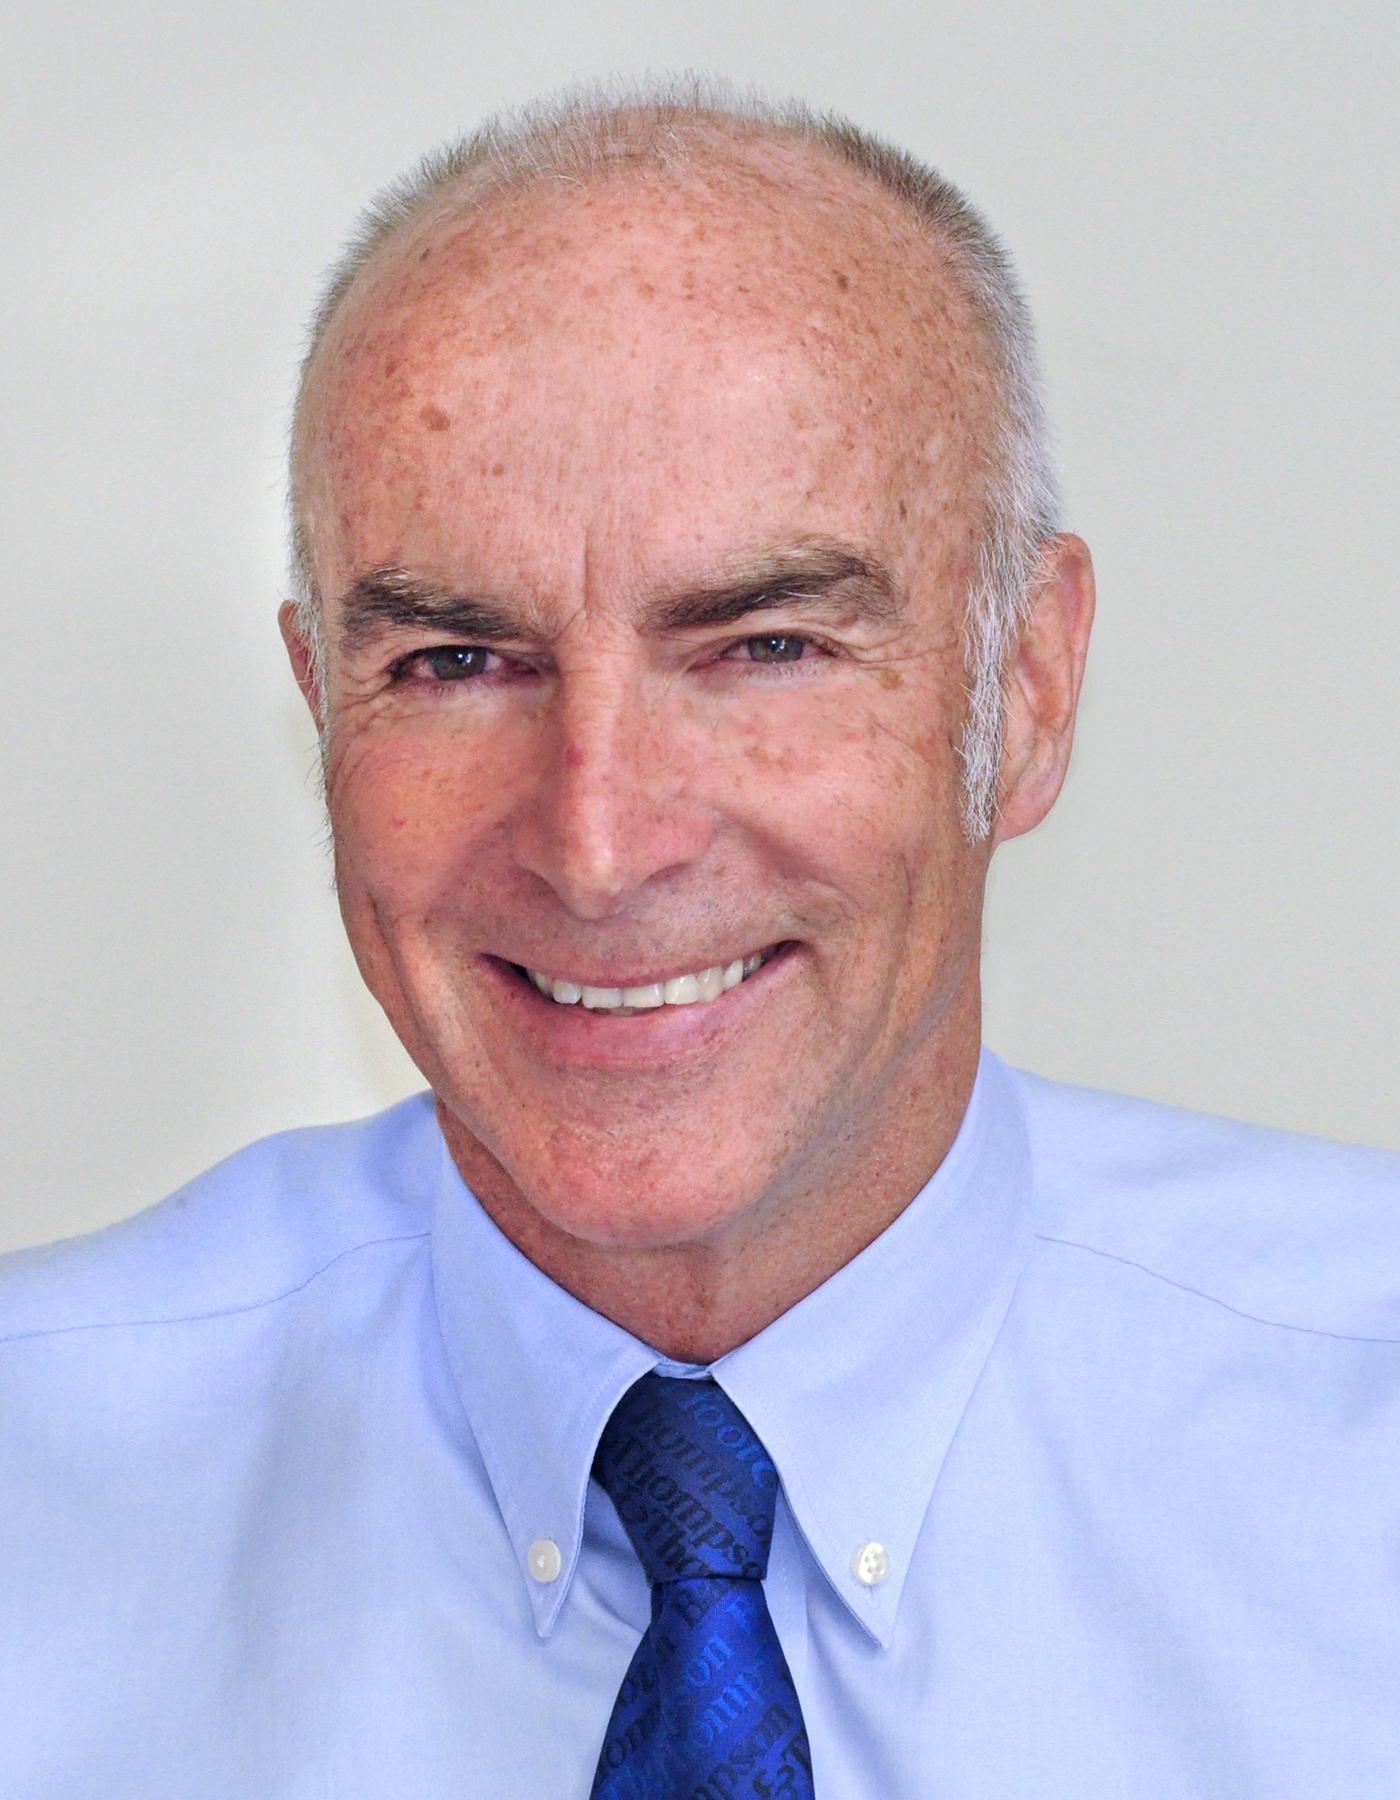 Glenn Flinkenberg